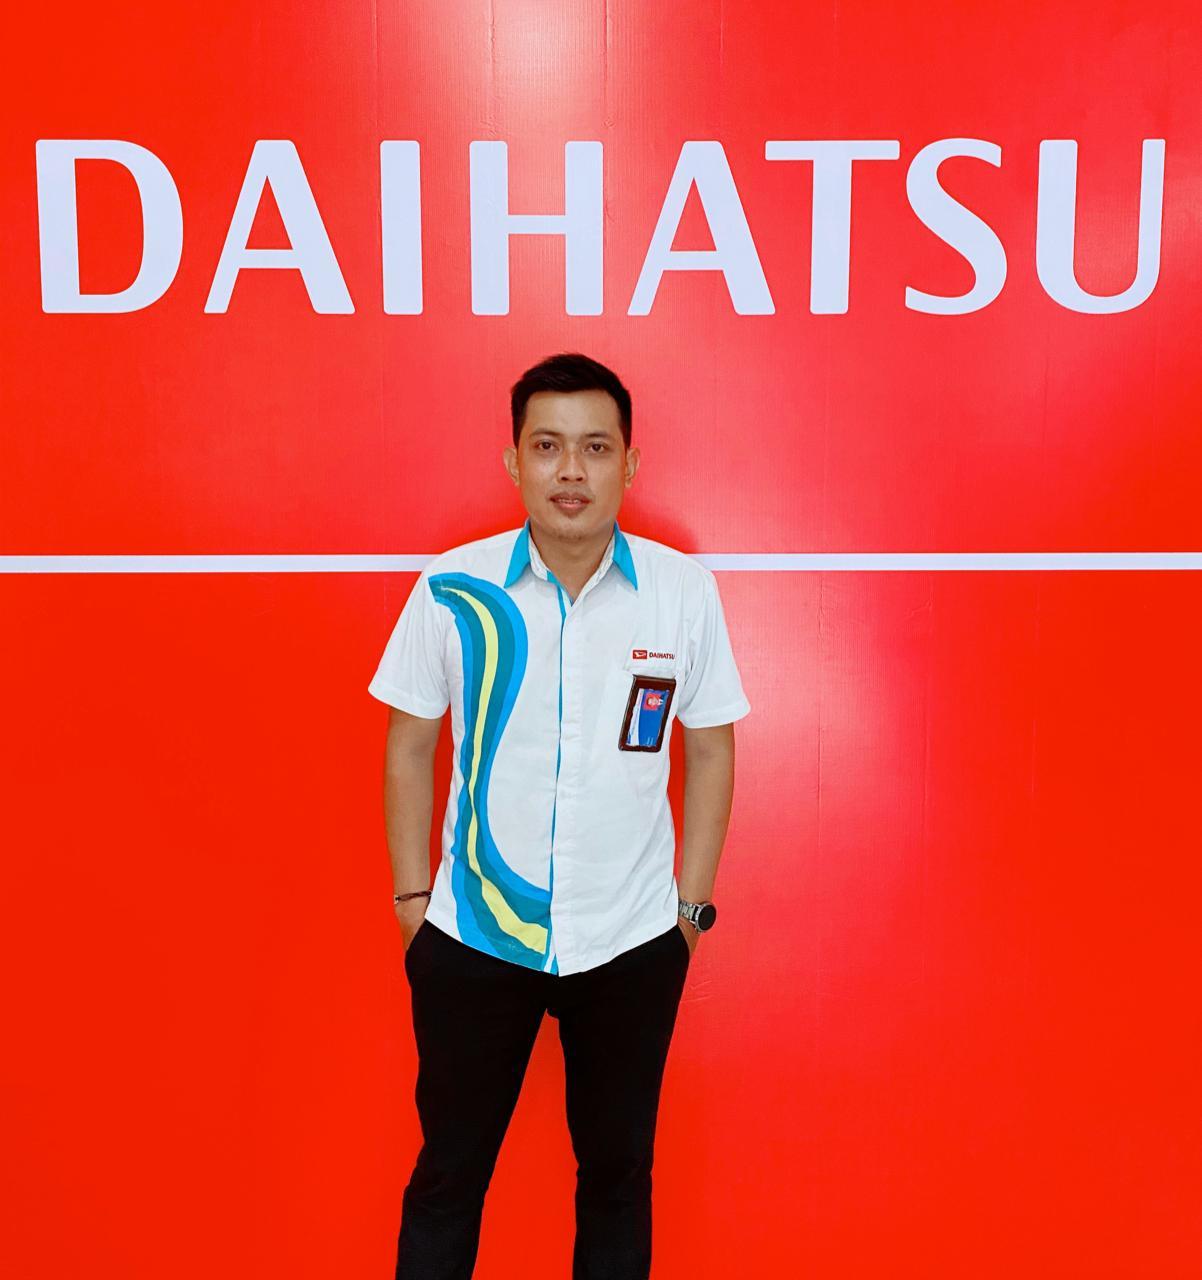 Daihatsu Sidoarjo